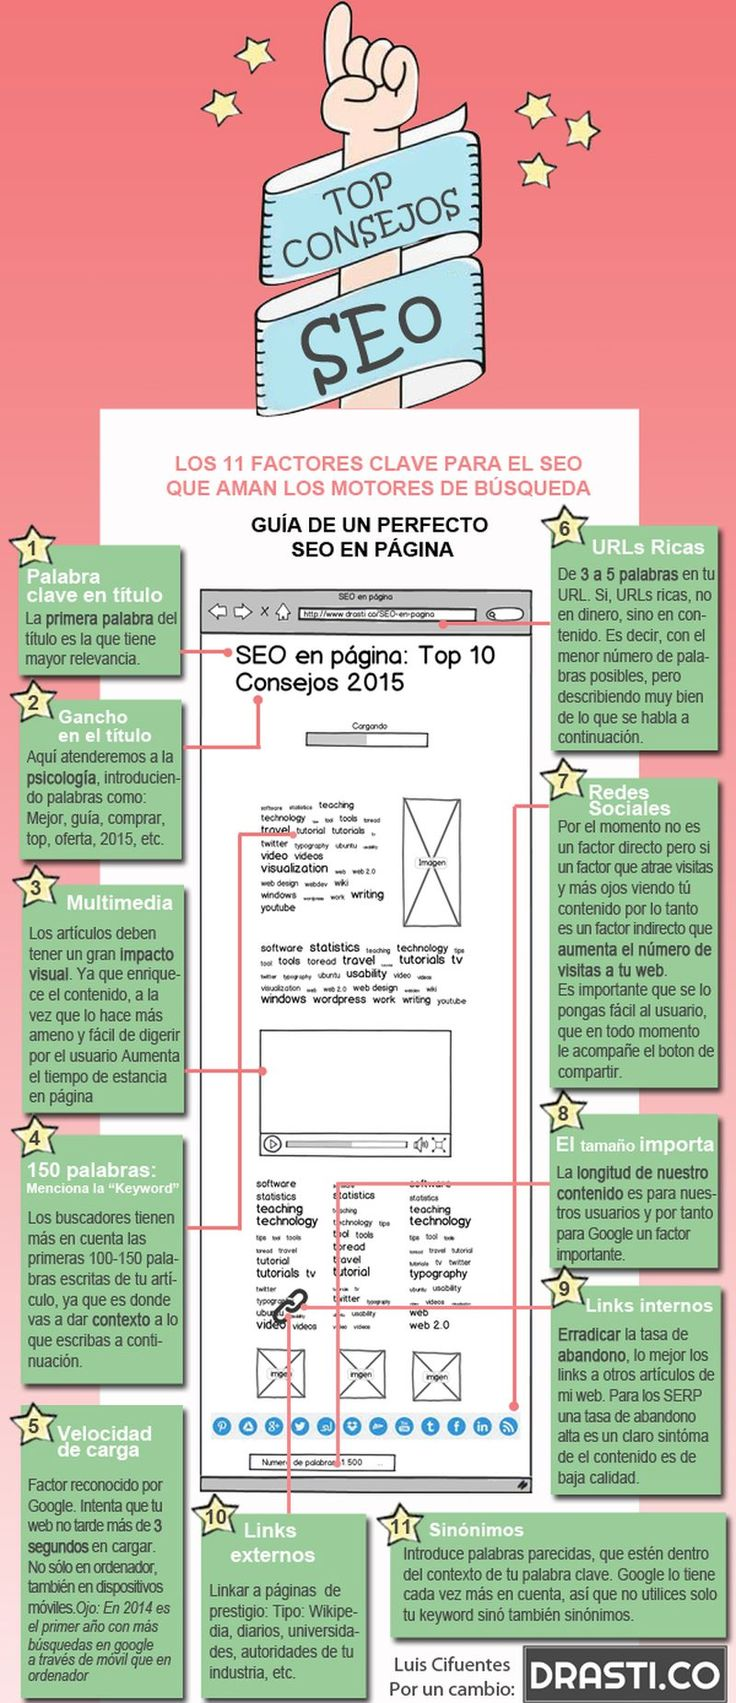 Una interesante infografía que nos expone las 11 claves del SEO que aman los motores de búsqueda, principalmente el gigante Google.